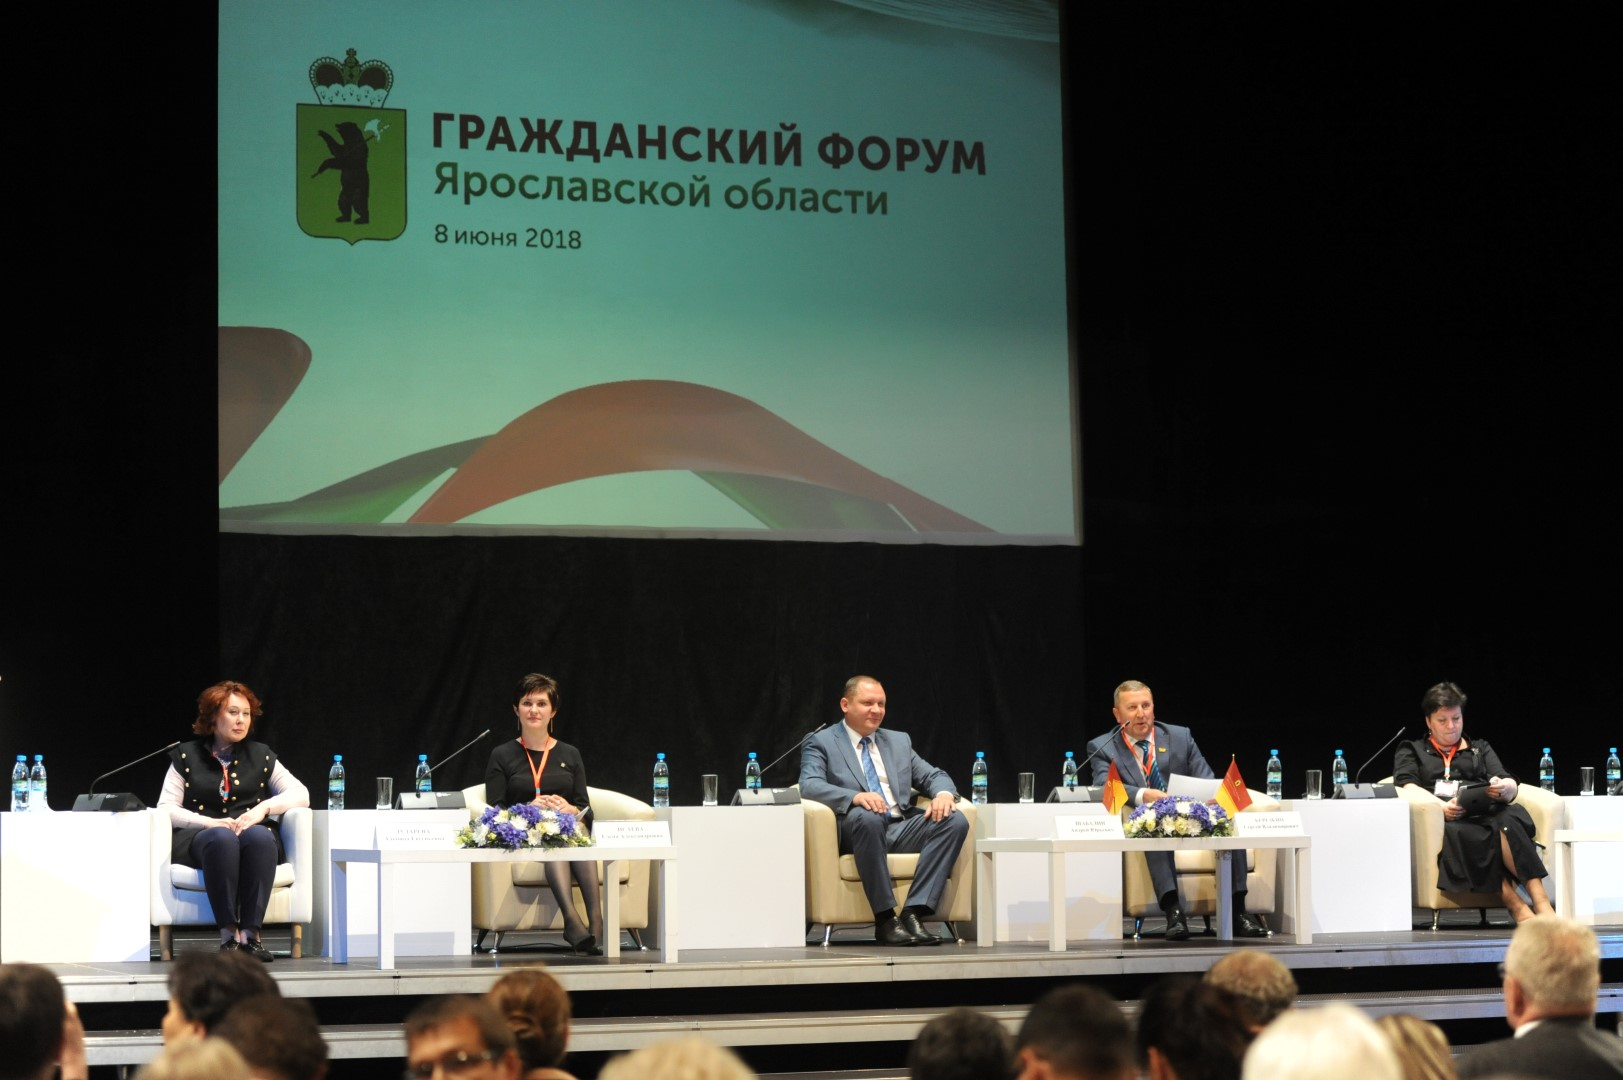 Игорь Каграманян: «Взаимодействие государства и некоммерческих организаций важно для развития социальной сферы»